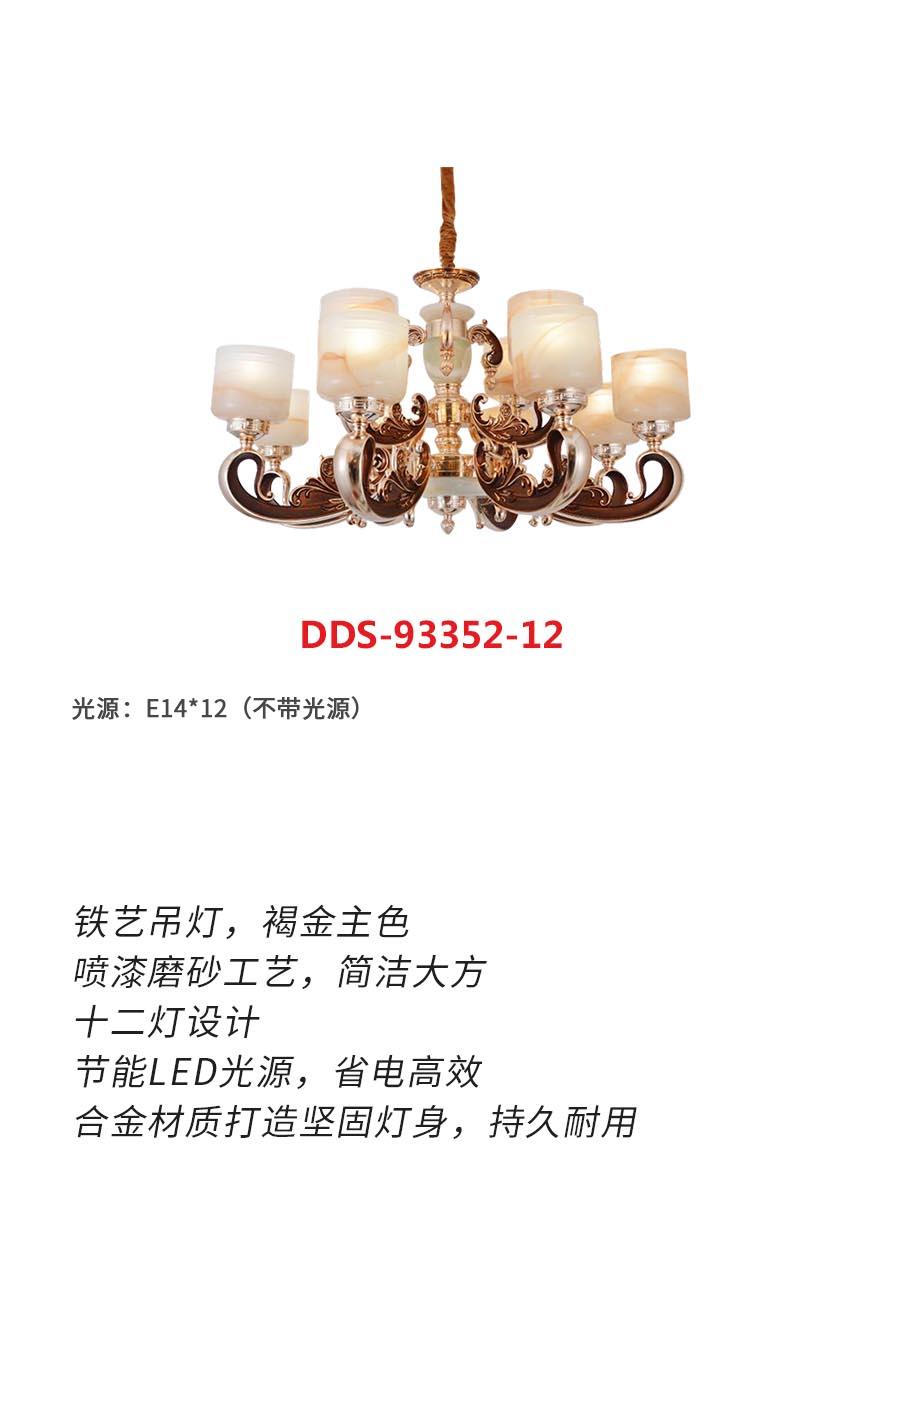 DDS-93352-12b.jpg